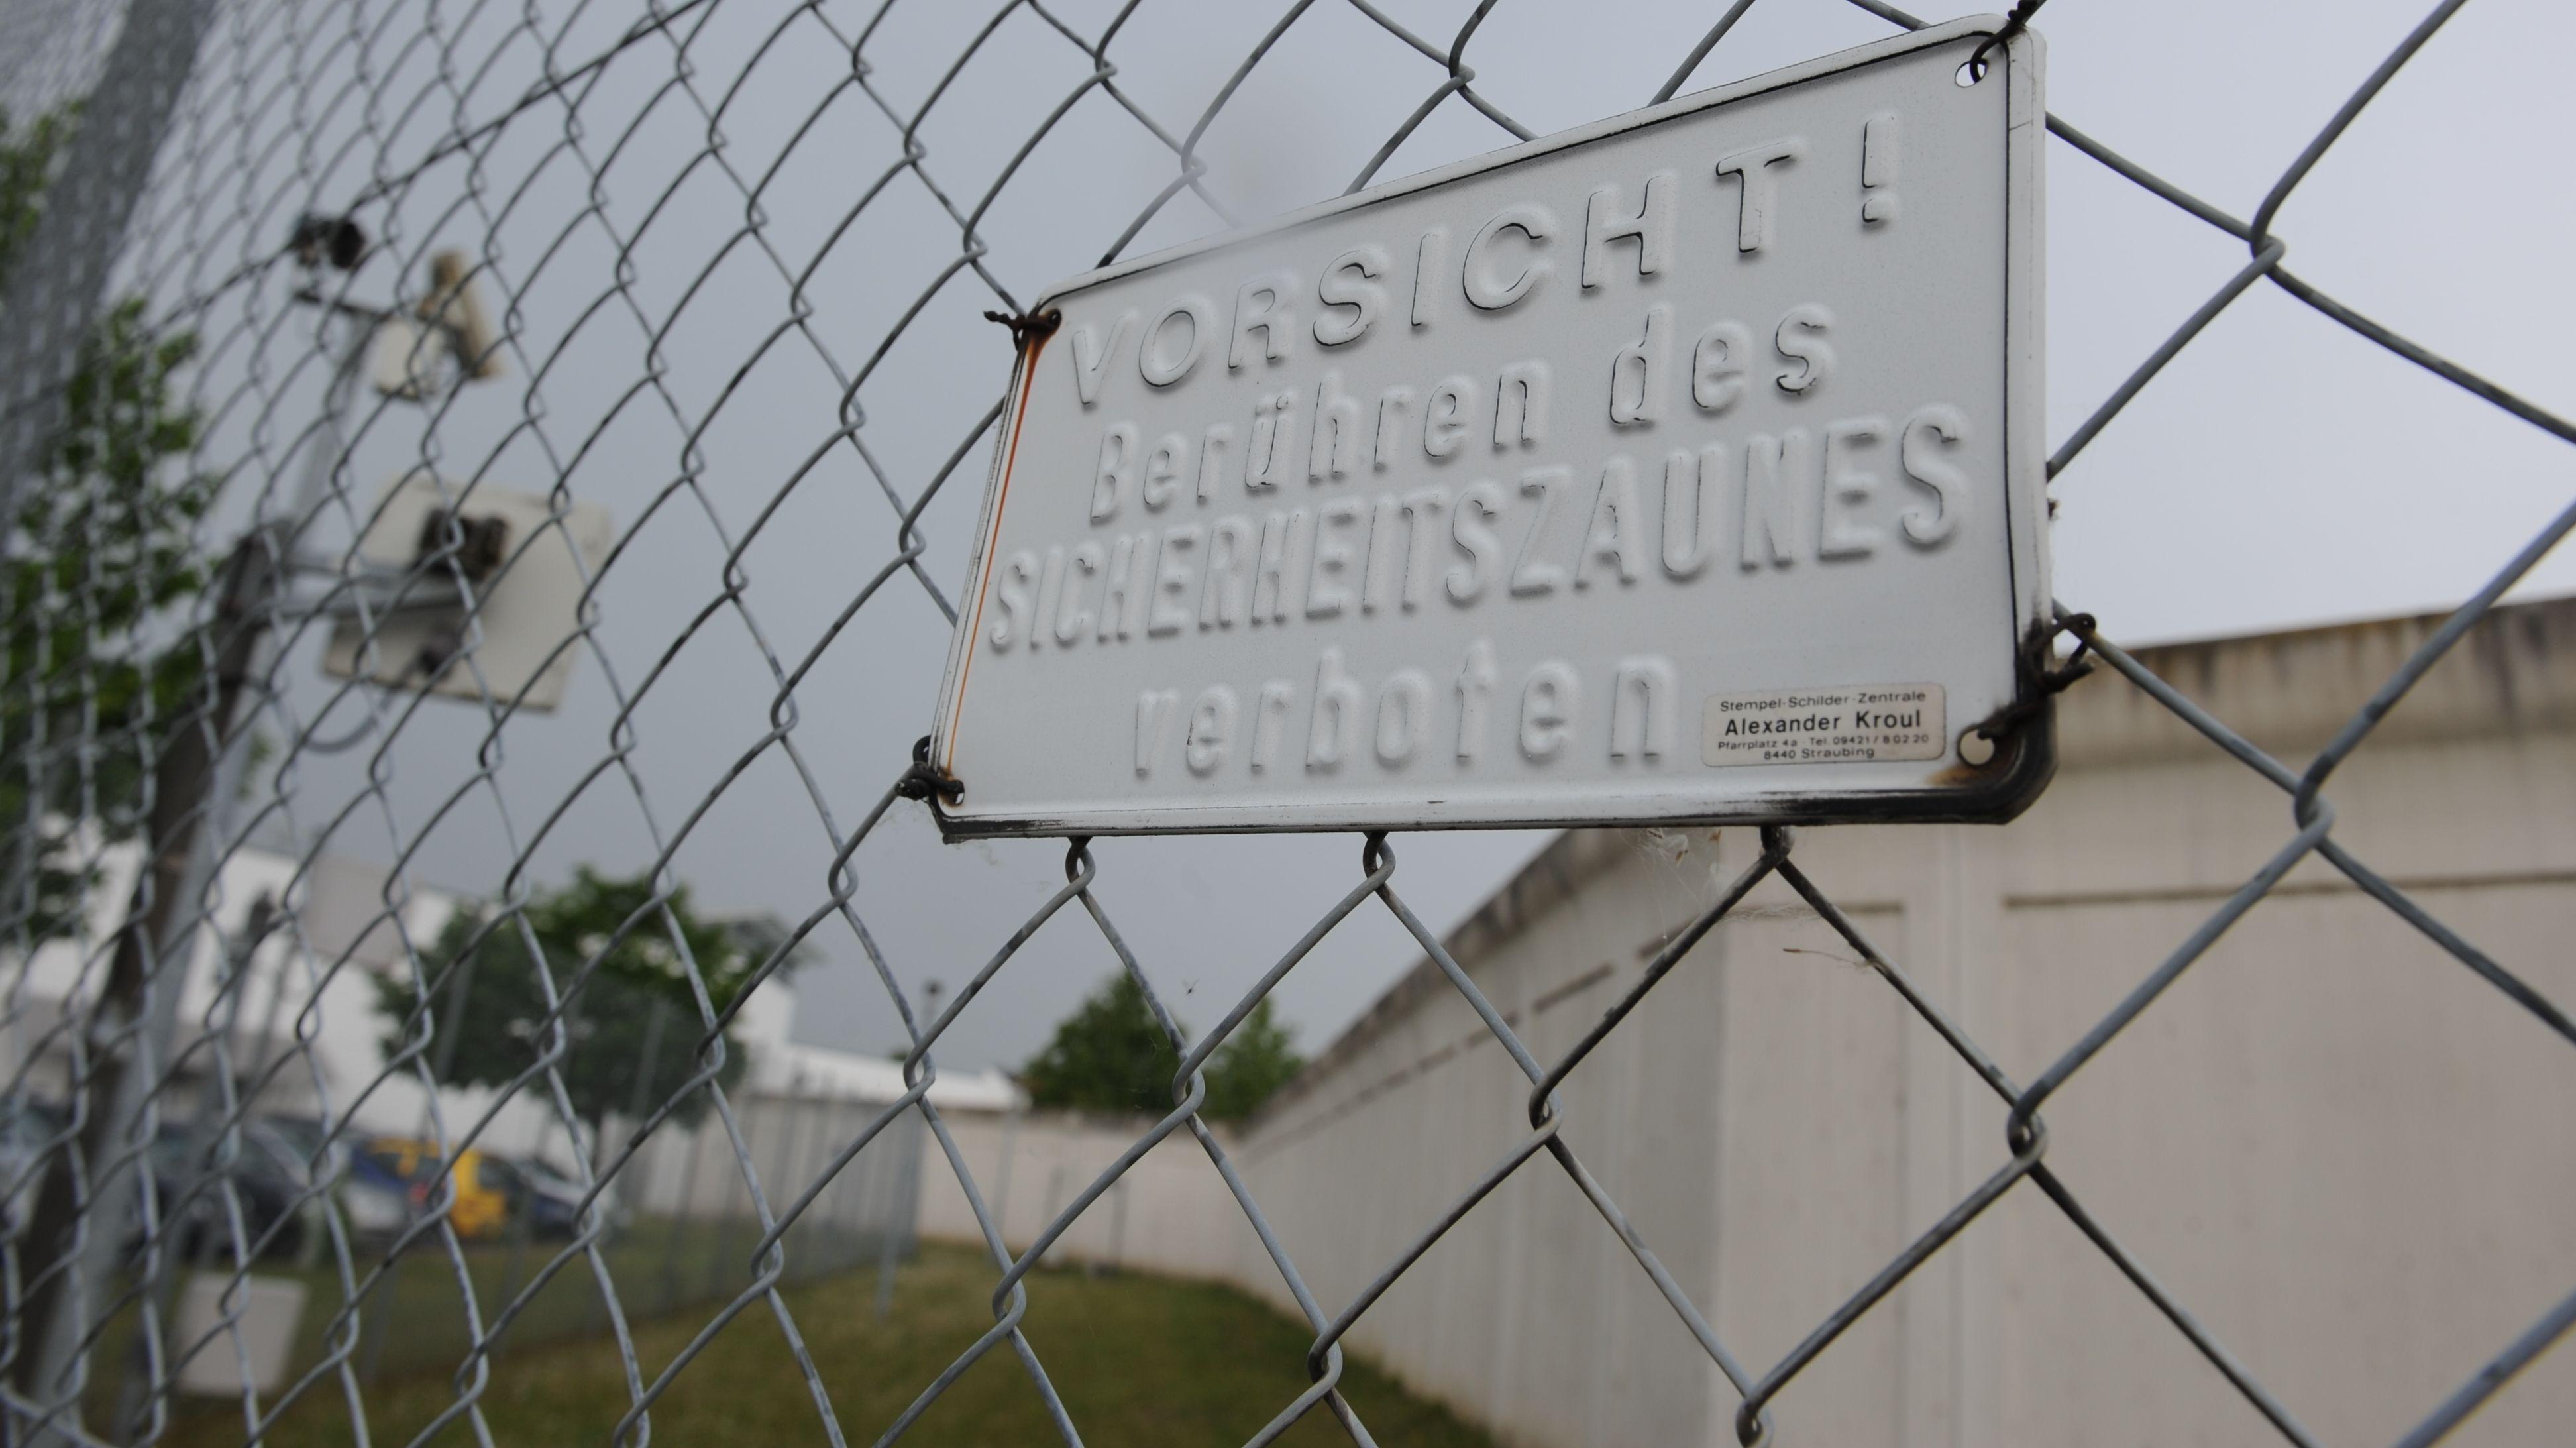 """Ein Schild mit der Aufschrift """"Vorsicht! Berühren des Sicherheitszaunes verboten"""", am Zaun vor der Mauer des BKH in Straubing"""